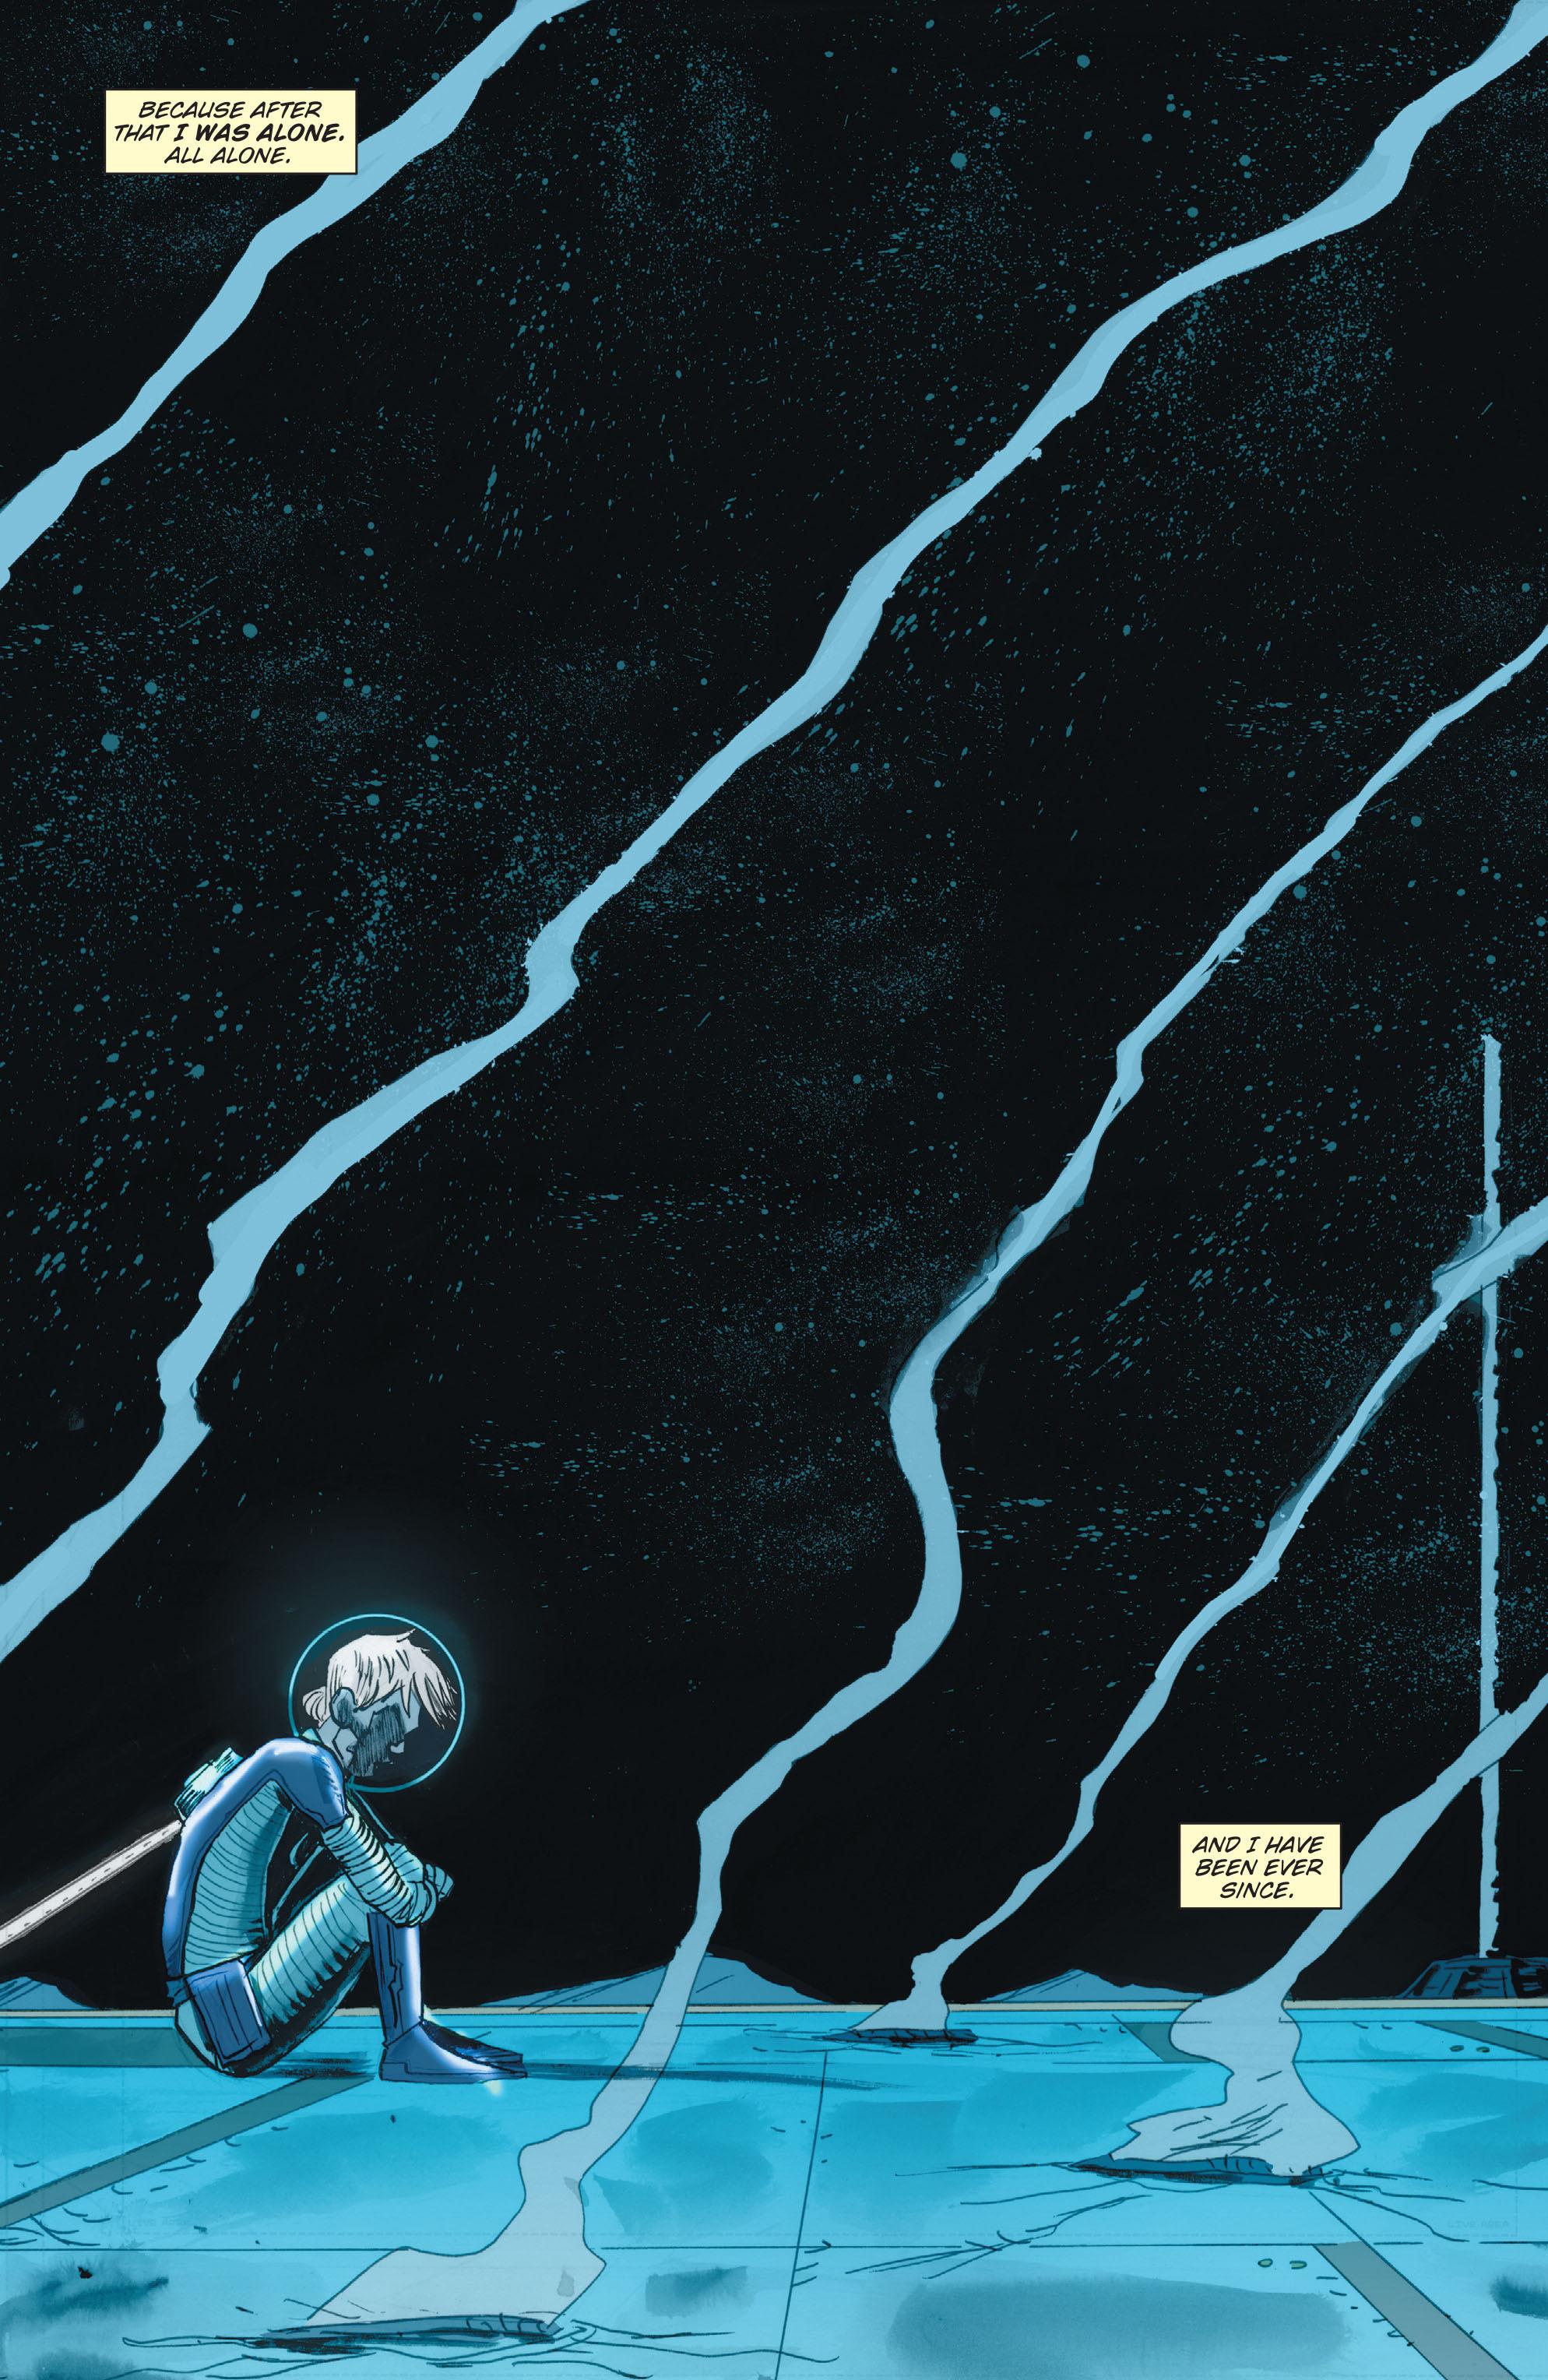 Read online Trillium comic -  Issue # TPB - 144